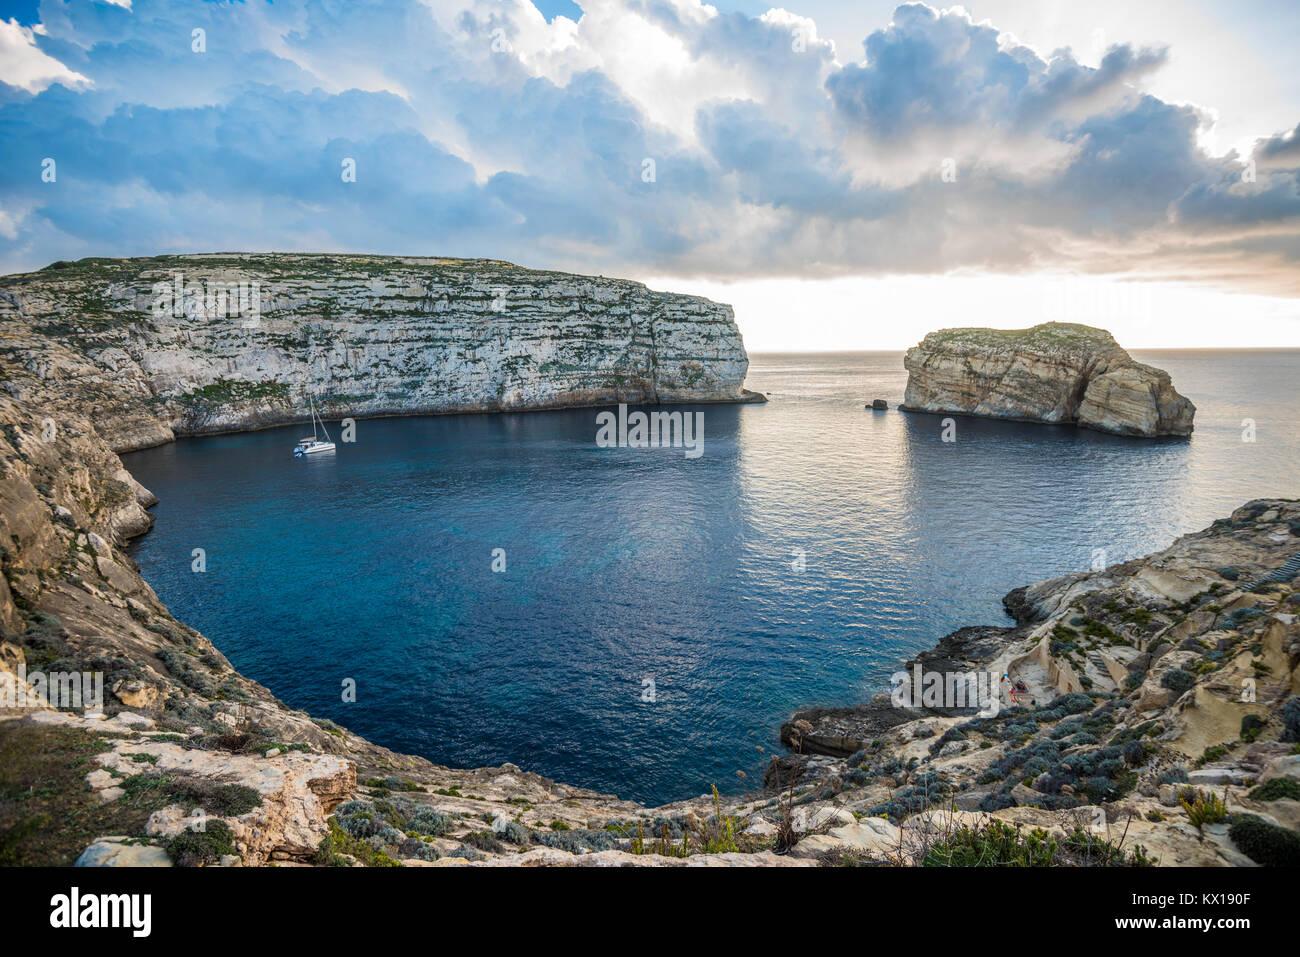 Vista panoramica della Baia di Dwejra con la roccia del fungo, Gozo, Malta Immagini Stock